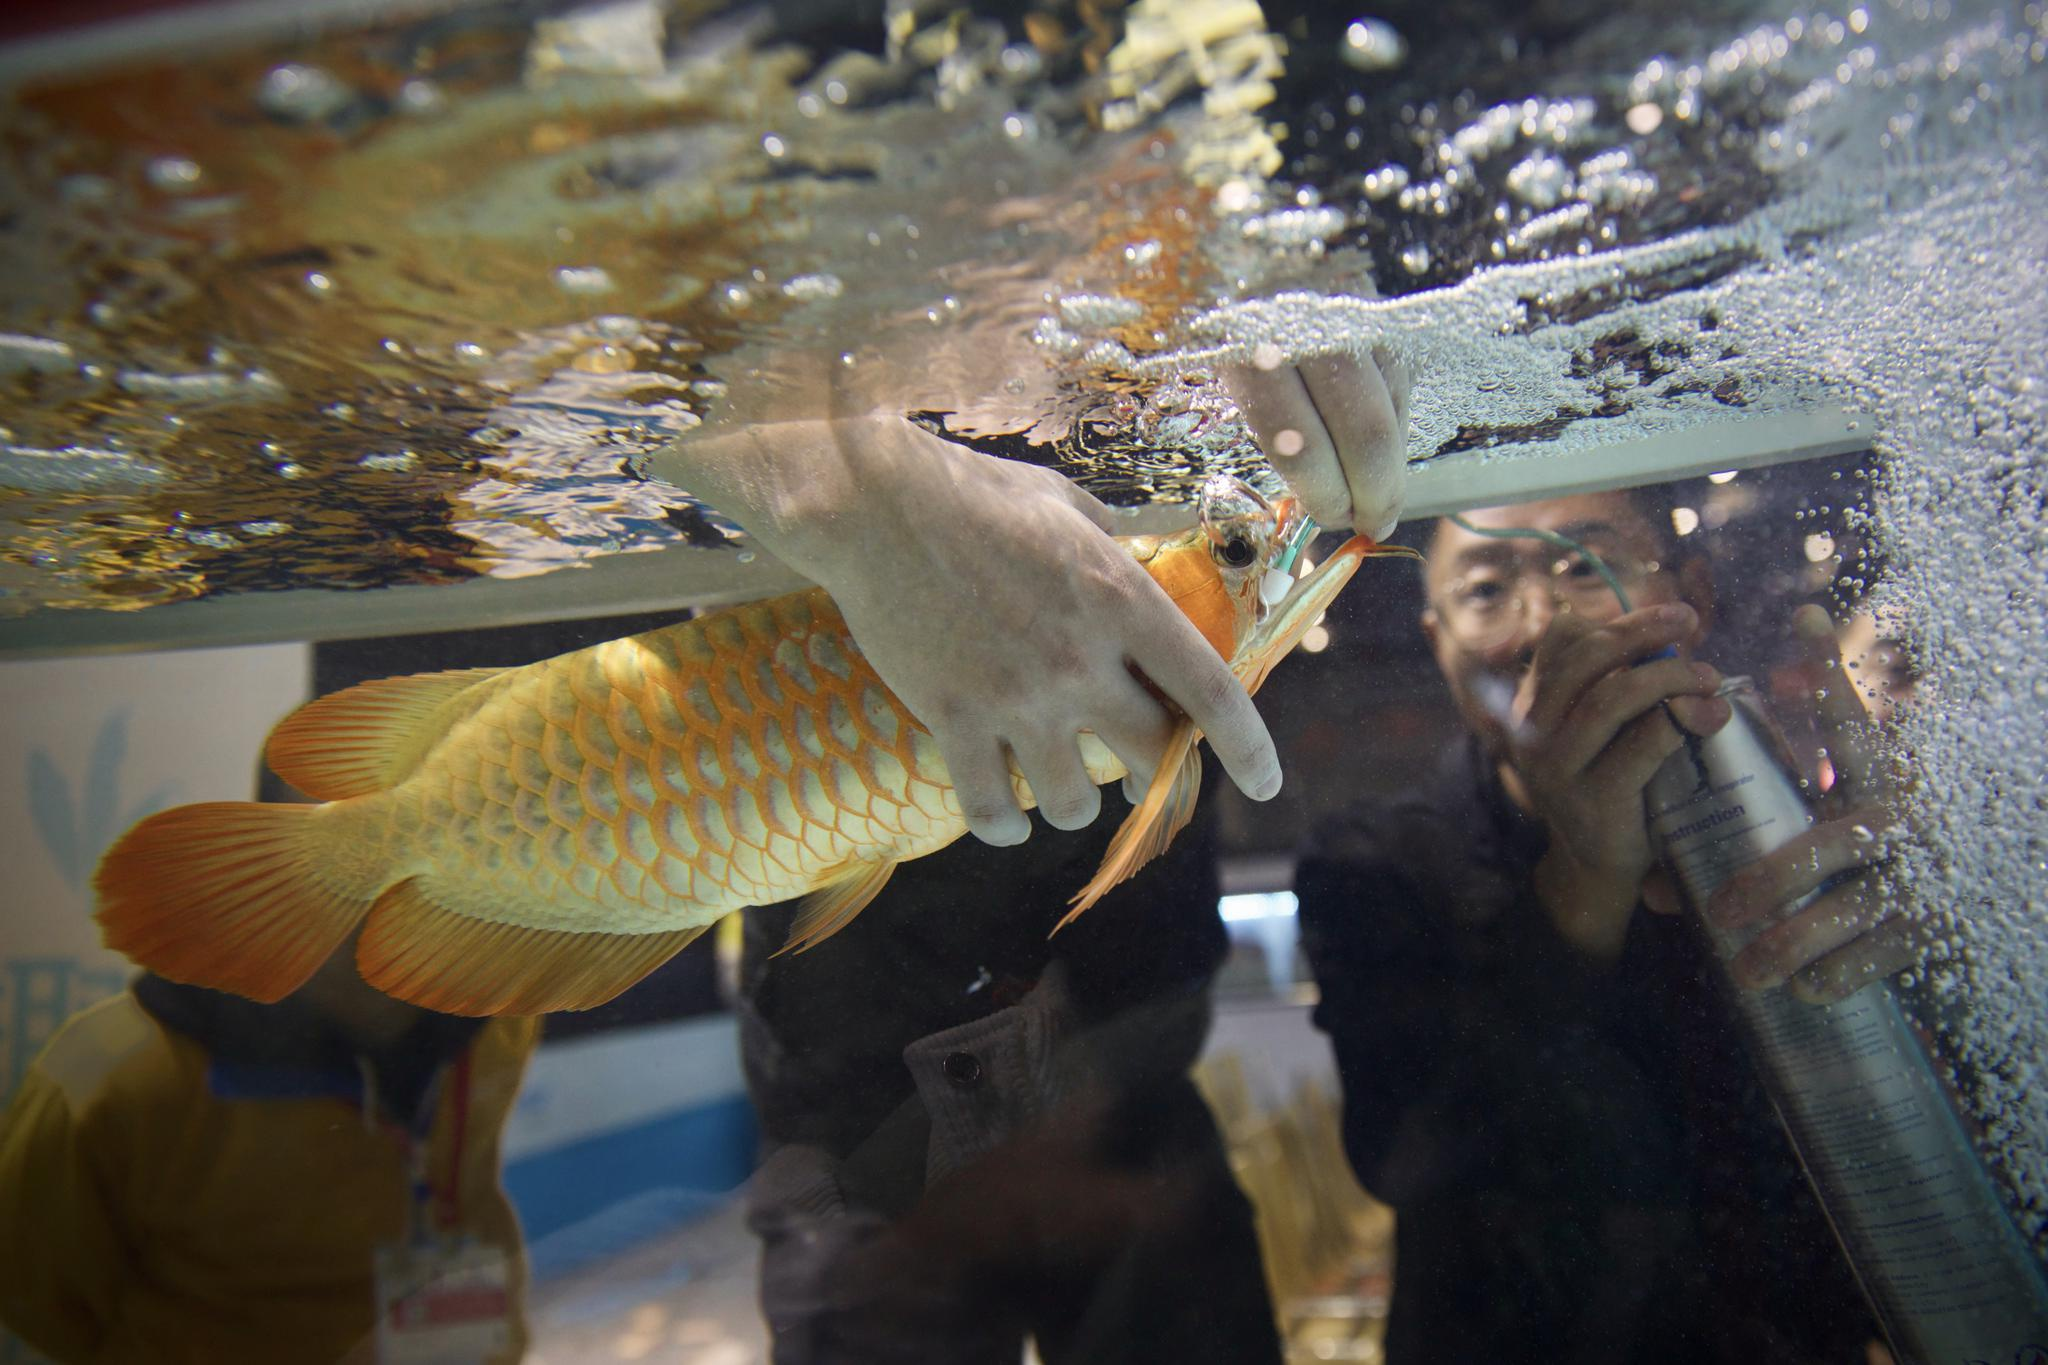 11月19日,比赛会场旁边的商铺,一条红龙鱼刚到就缺氧,放进鱼缸里直翻肚皮,负责人连忙为其供氧抢救。新京报记者 郑新洽 摄